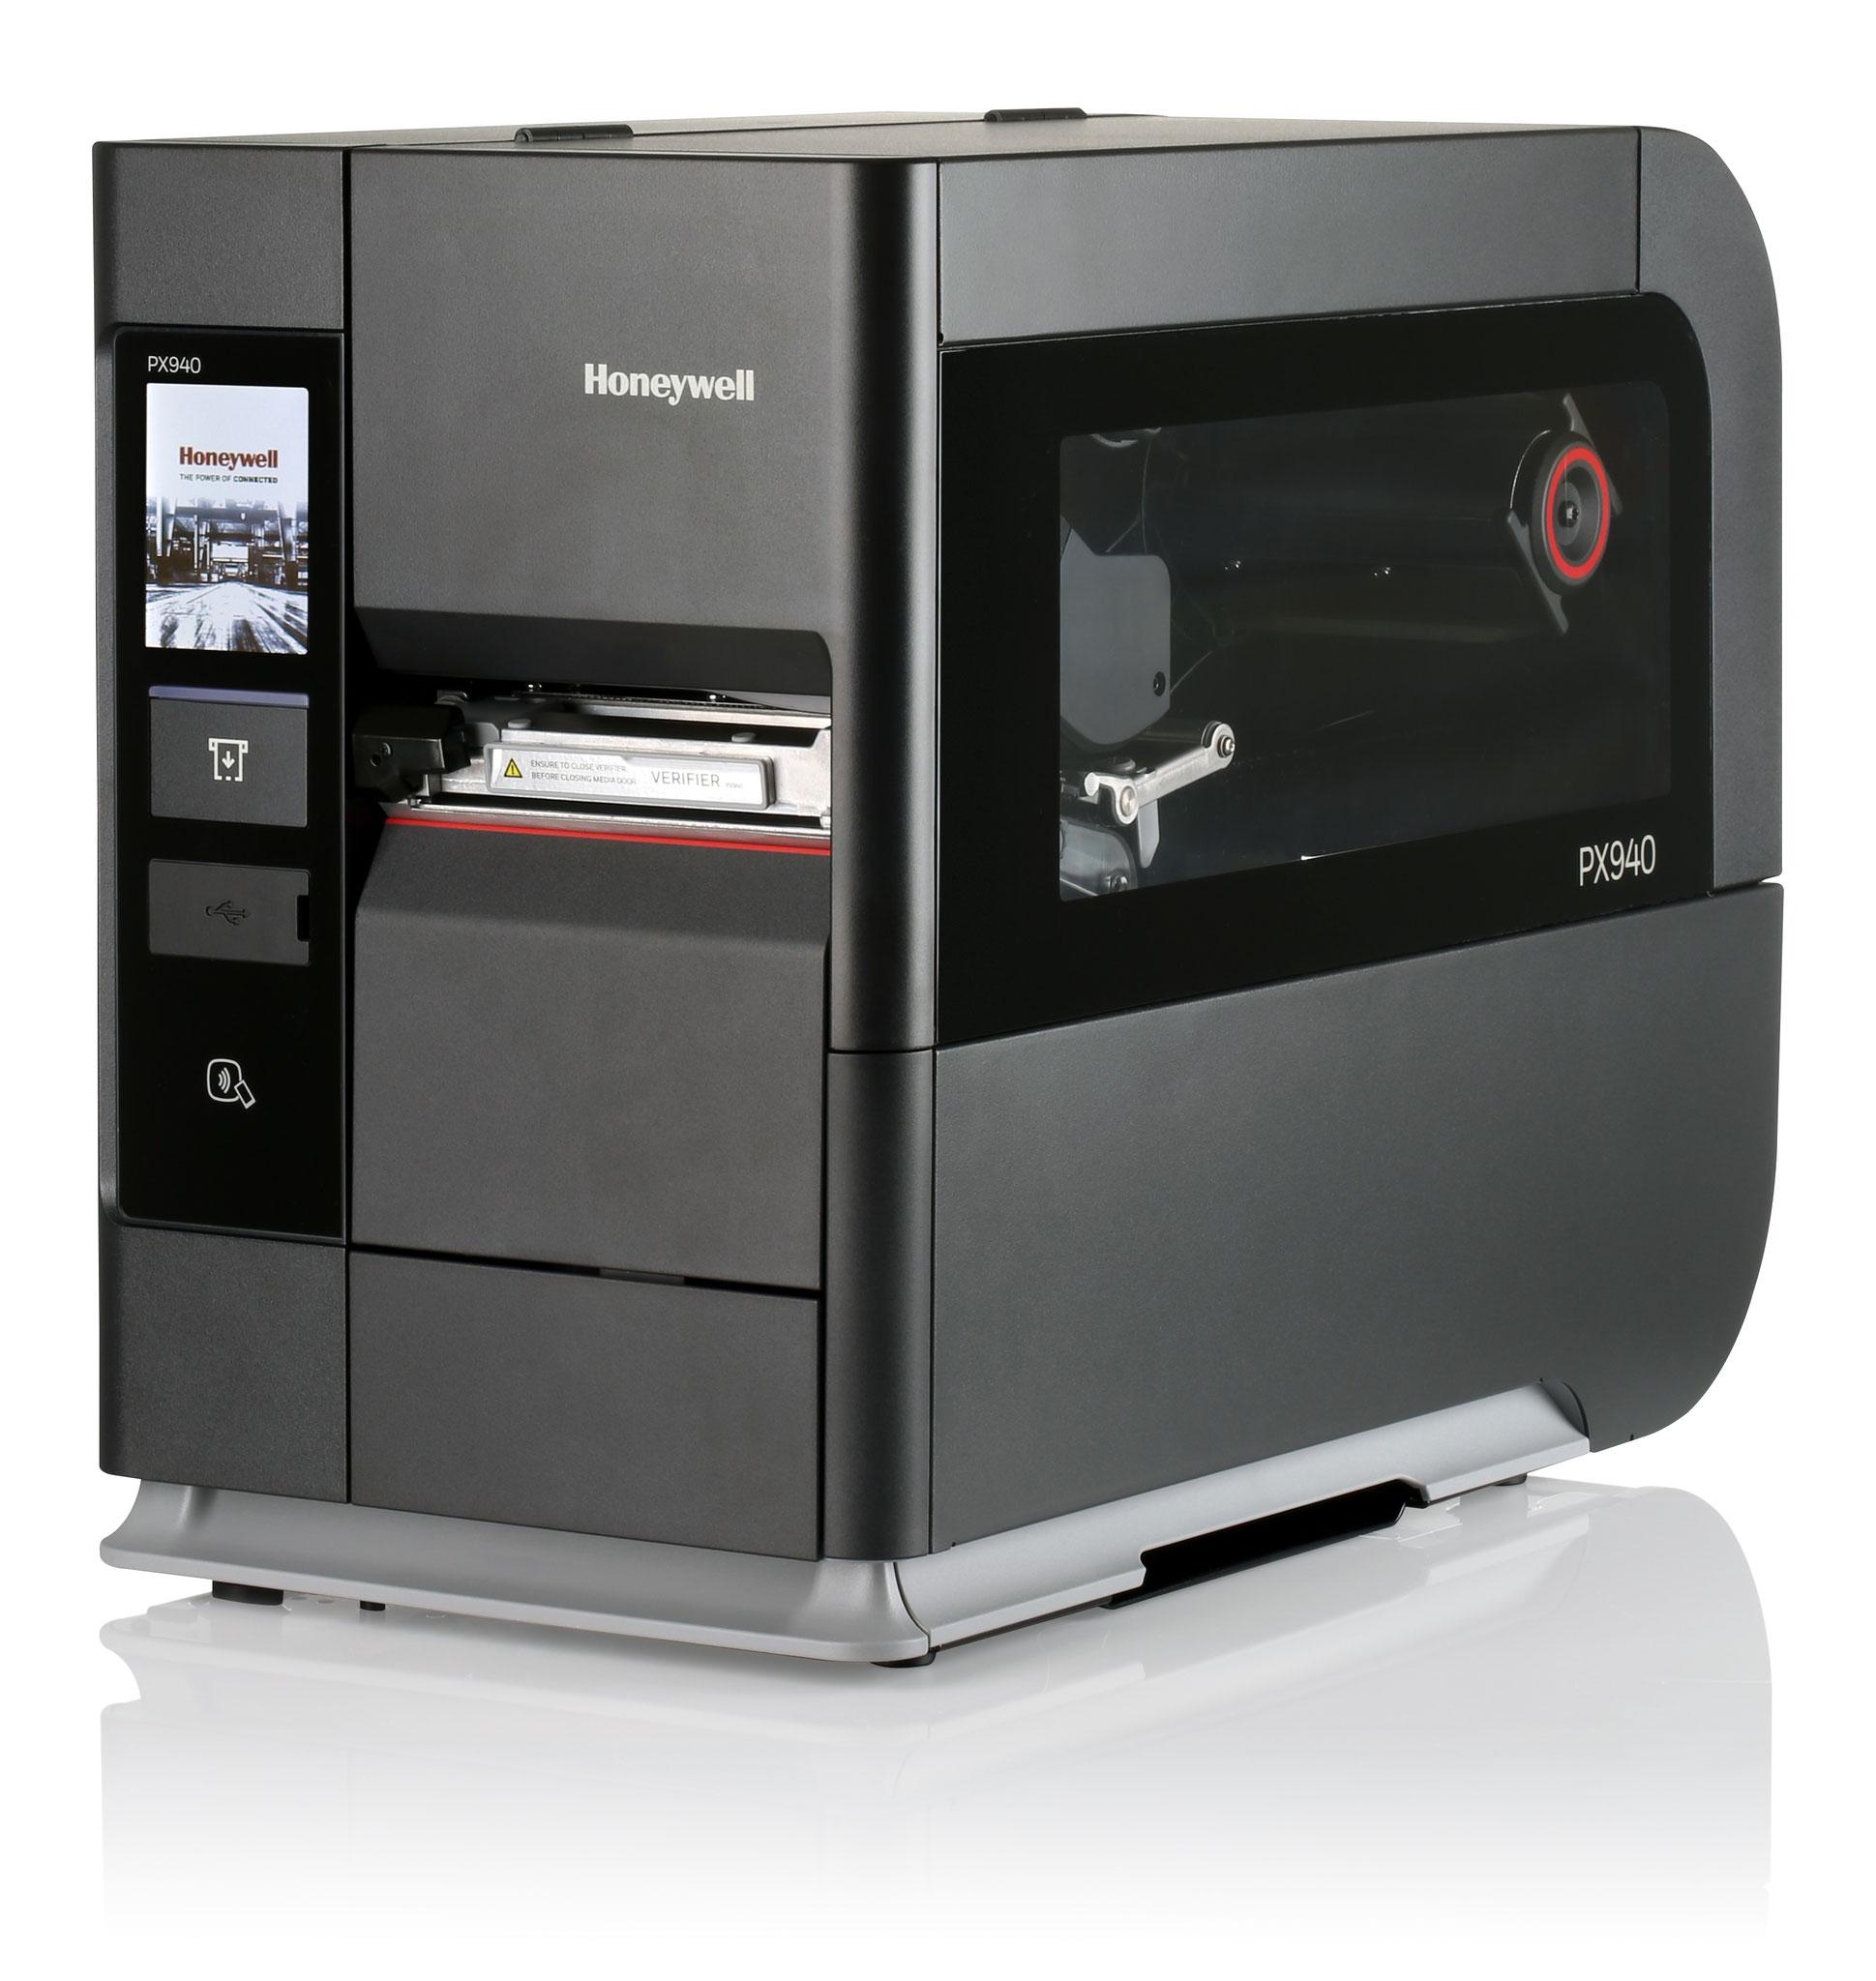 Honeywell PX940 V Industrie-Etikettendrucker